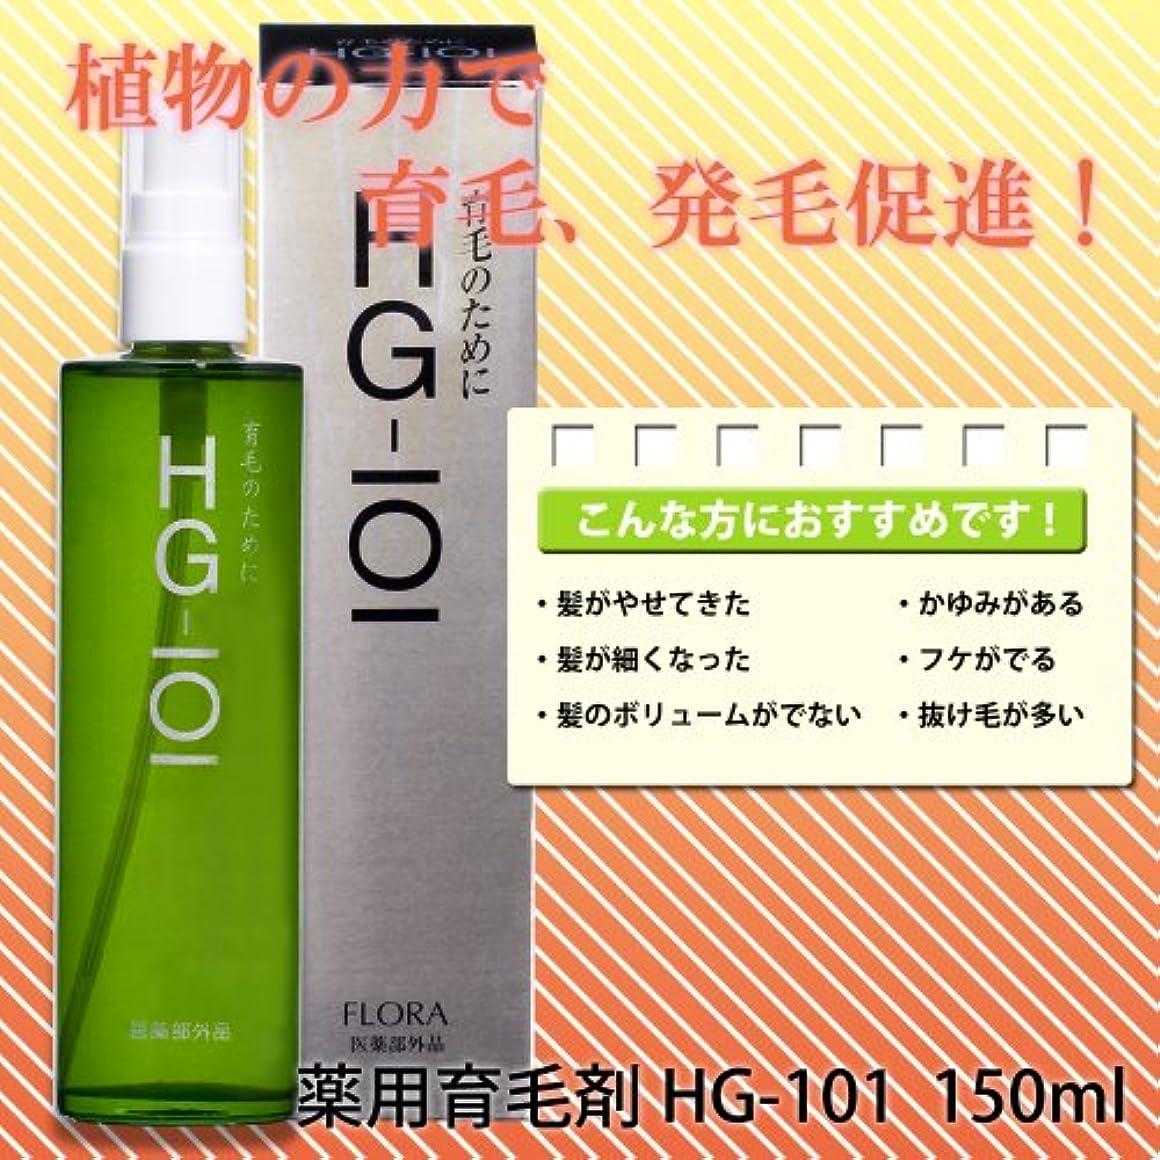 メモ恒久的頬骨薬用育毛剤HG-101 150ml